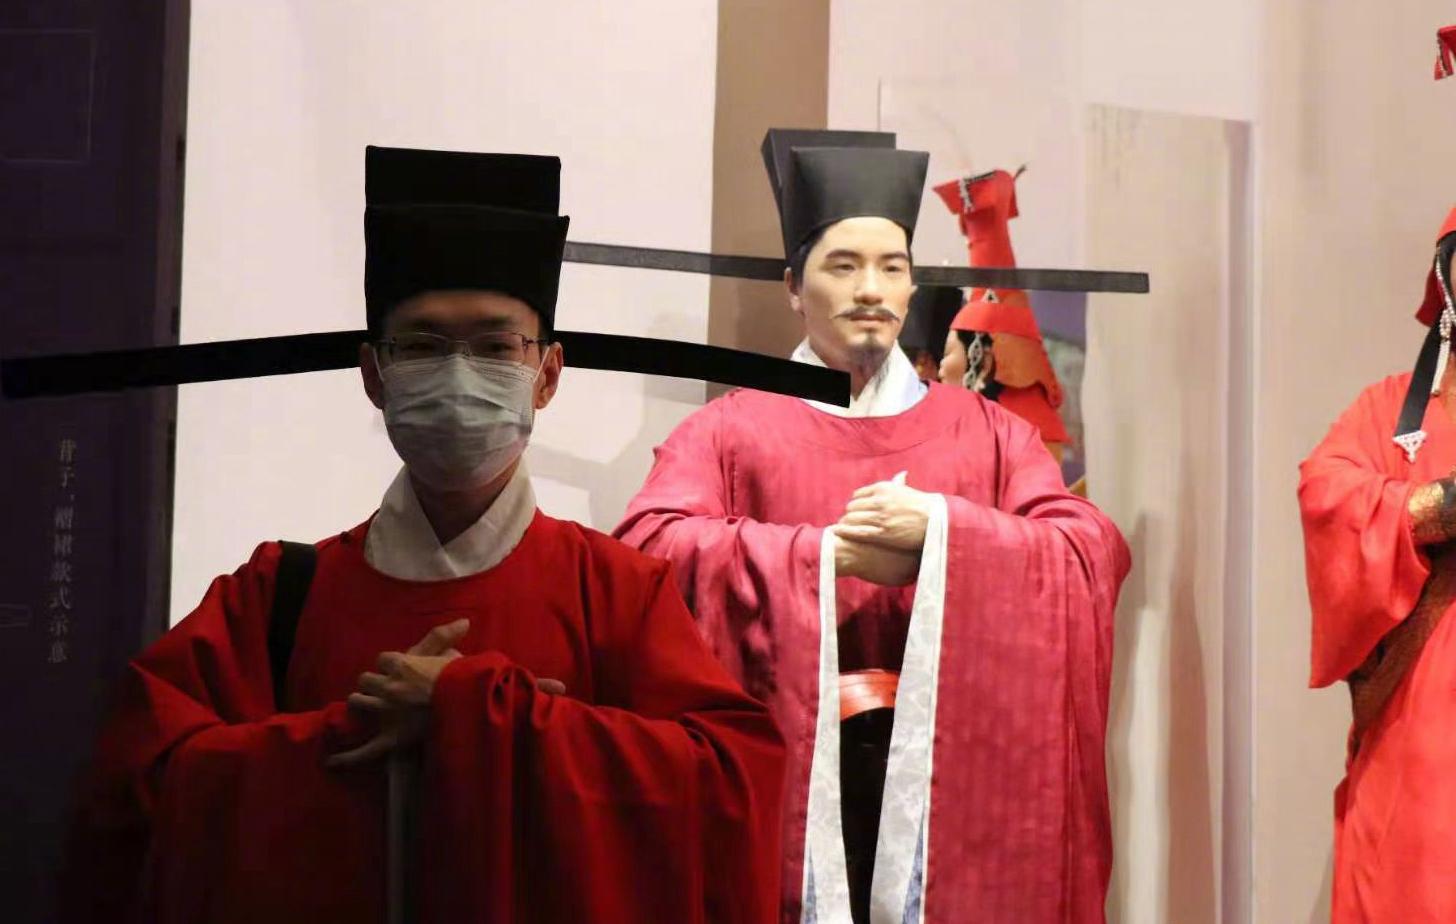 穿着古代服饰到国博看展览的观众。图片来自国博官方微博